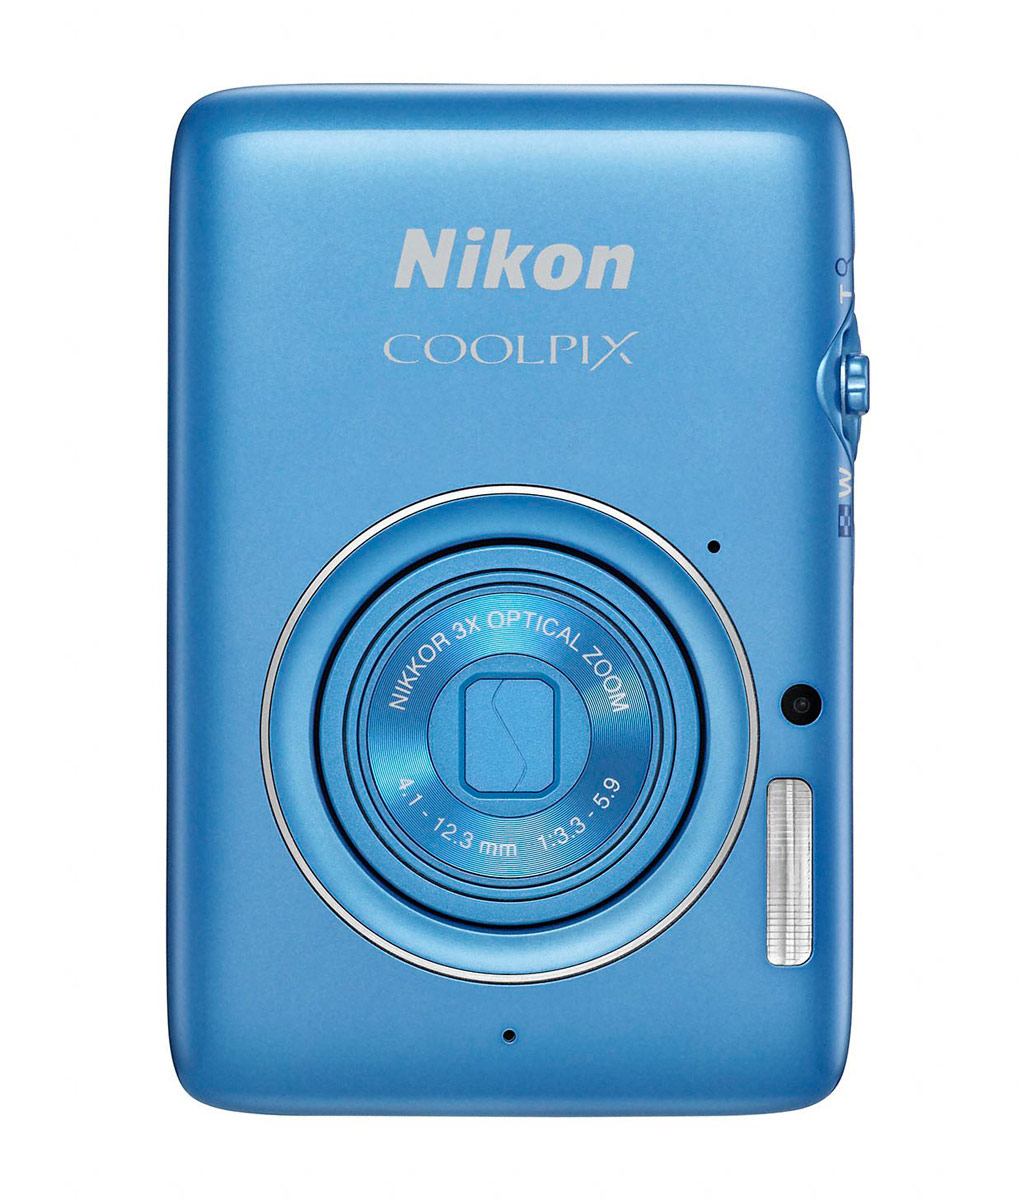 Nikon Coolpix S02 - Front - Blue